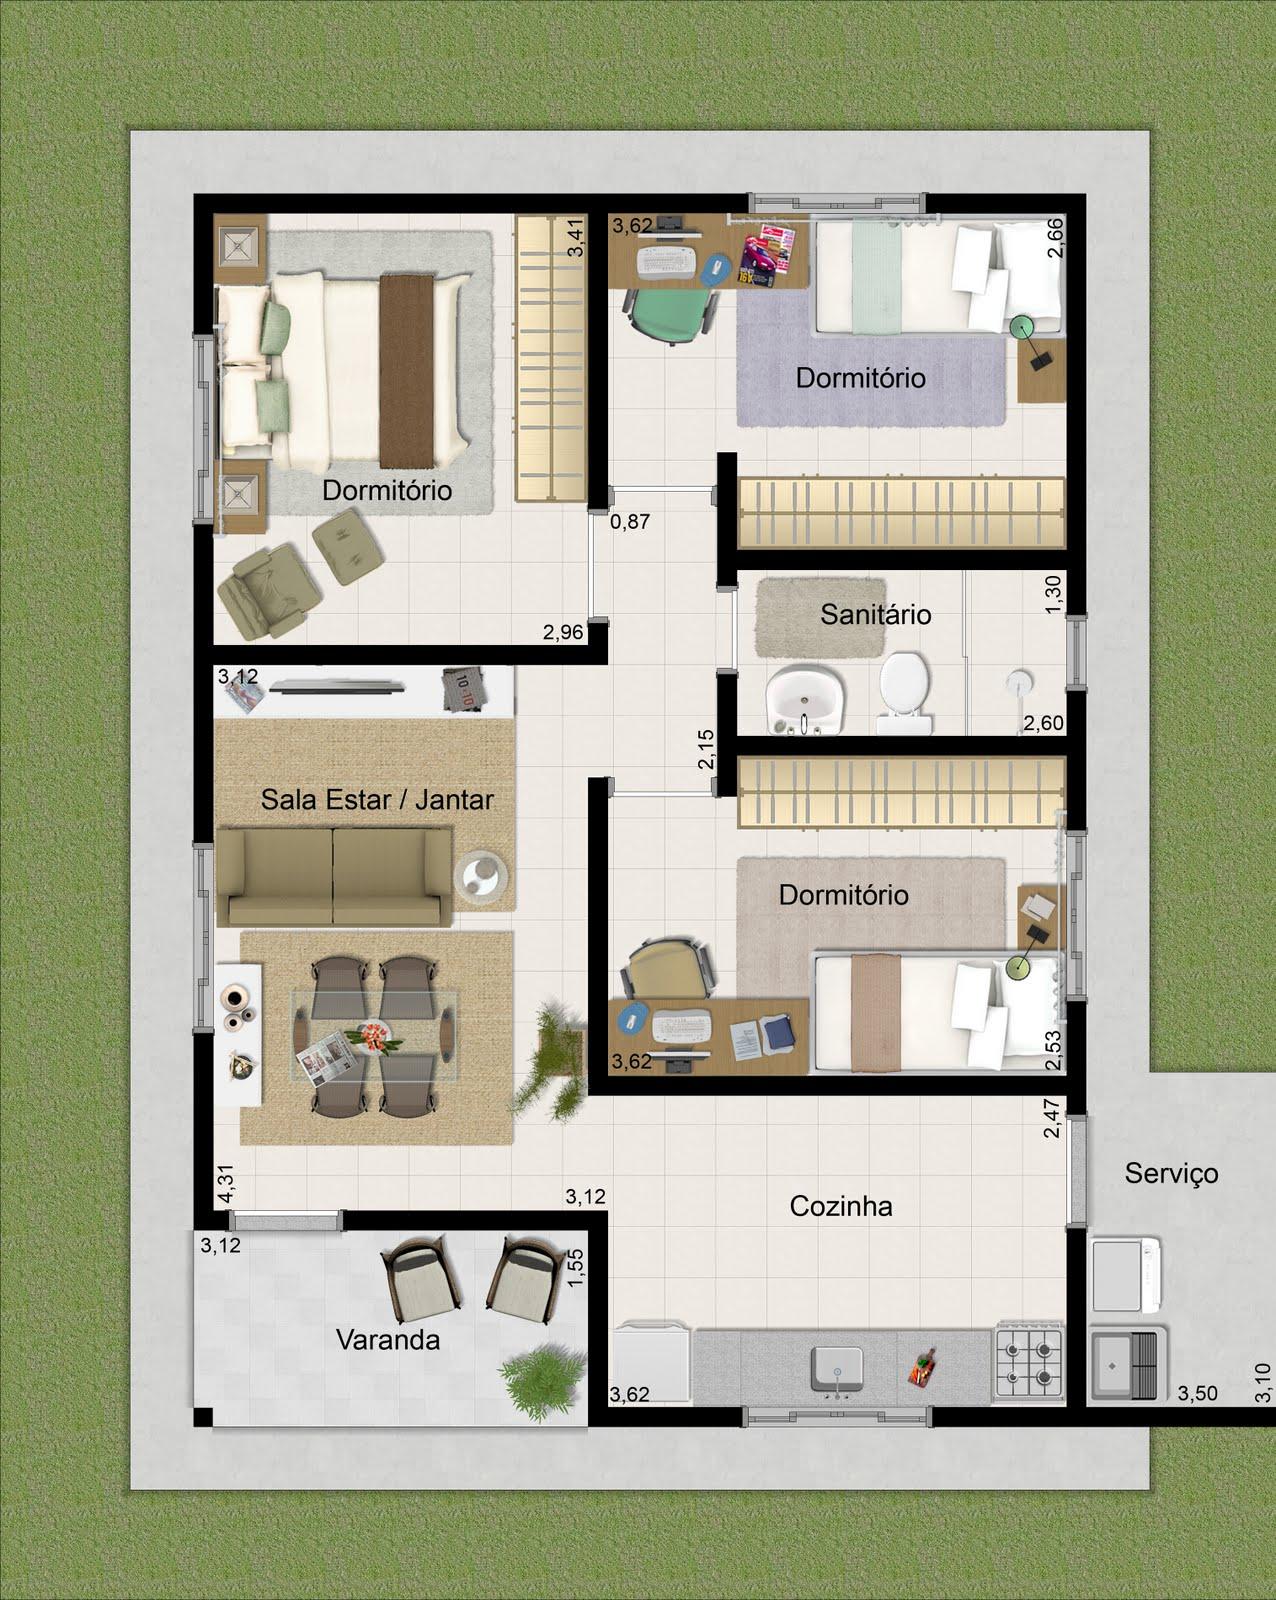 Chapéu do Sol Incorporadora: Casa de 68 60m² com 3 quartos #506122 1276 1600